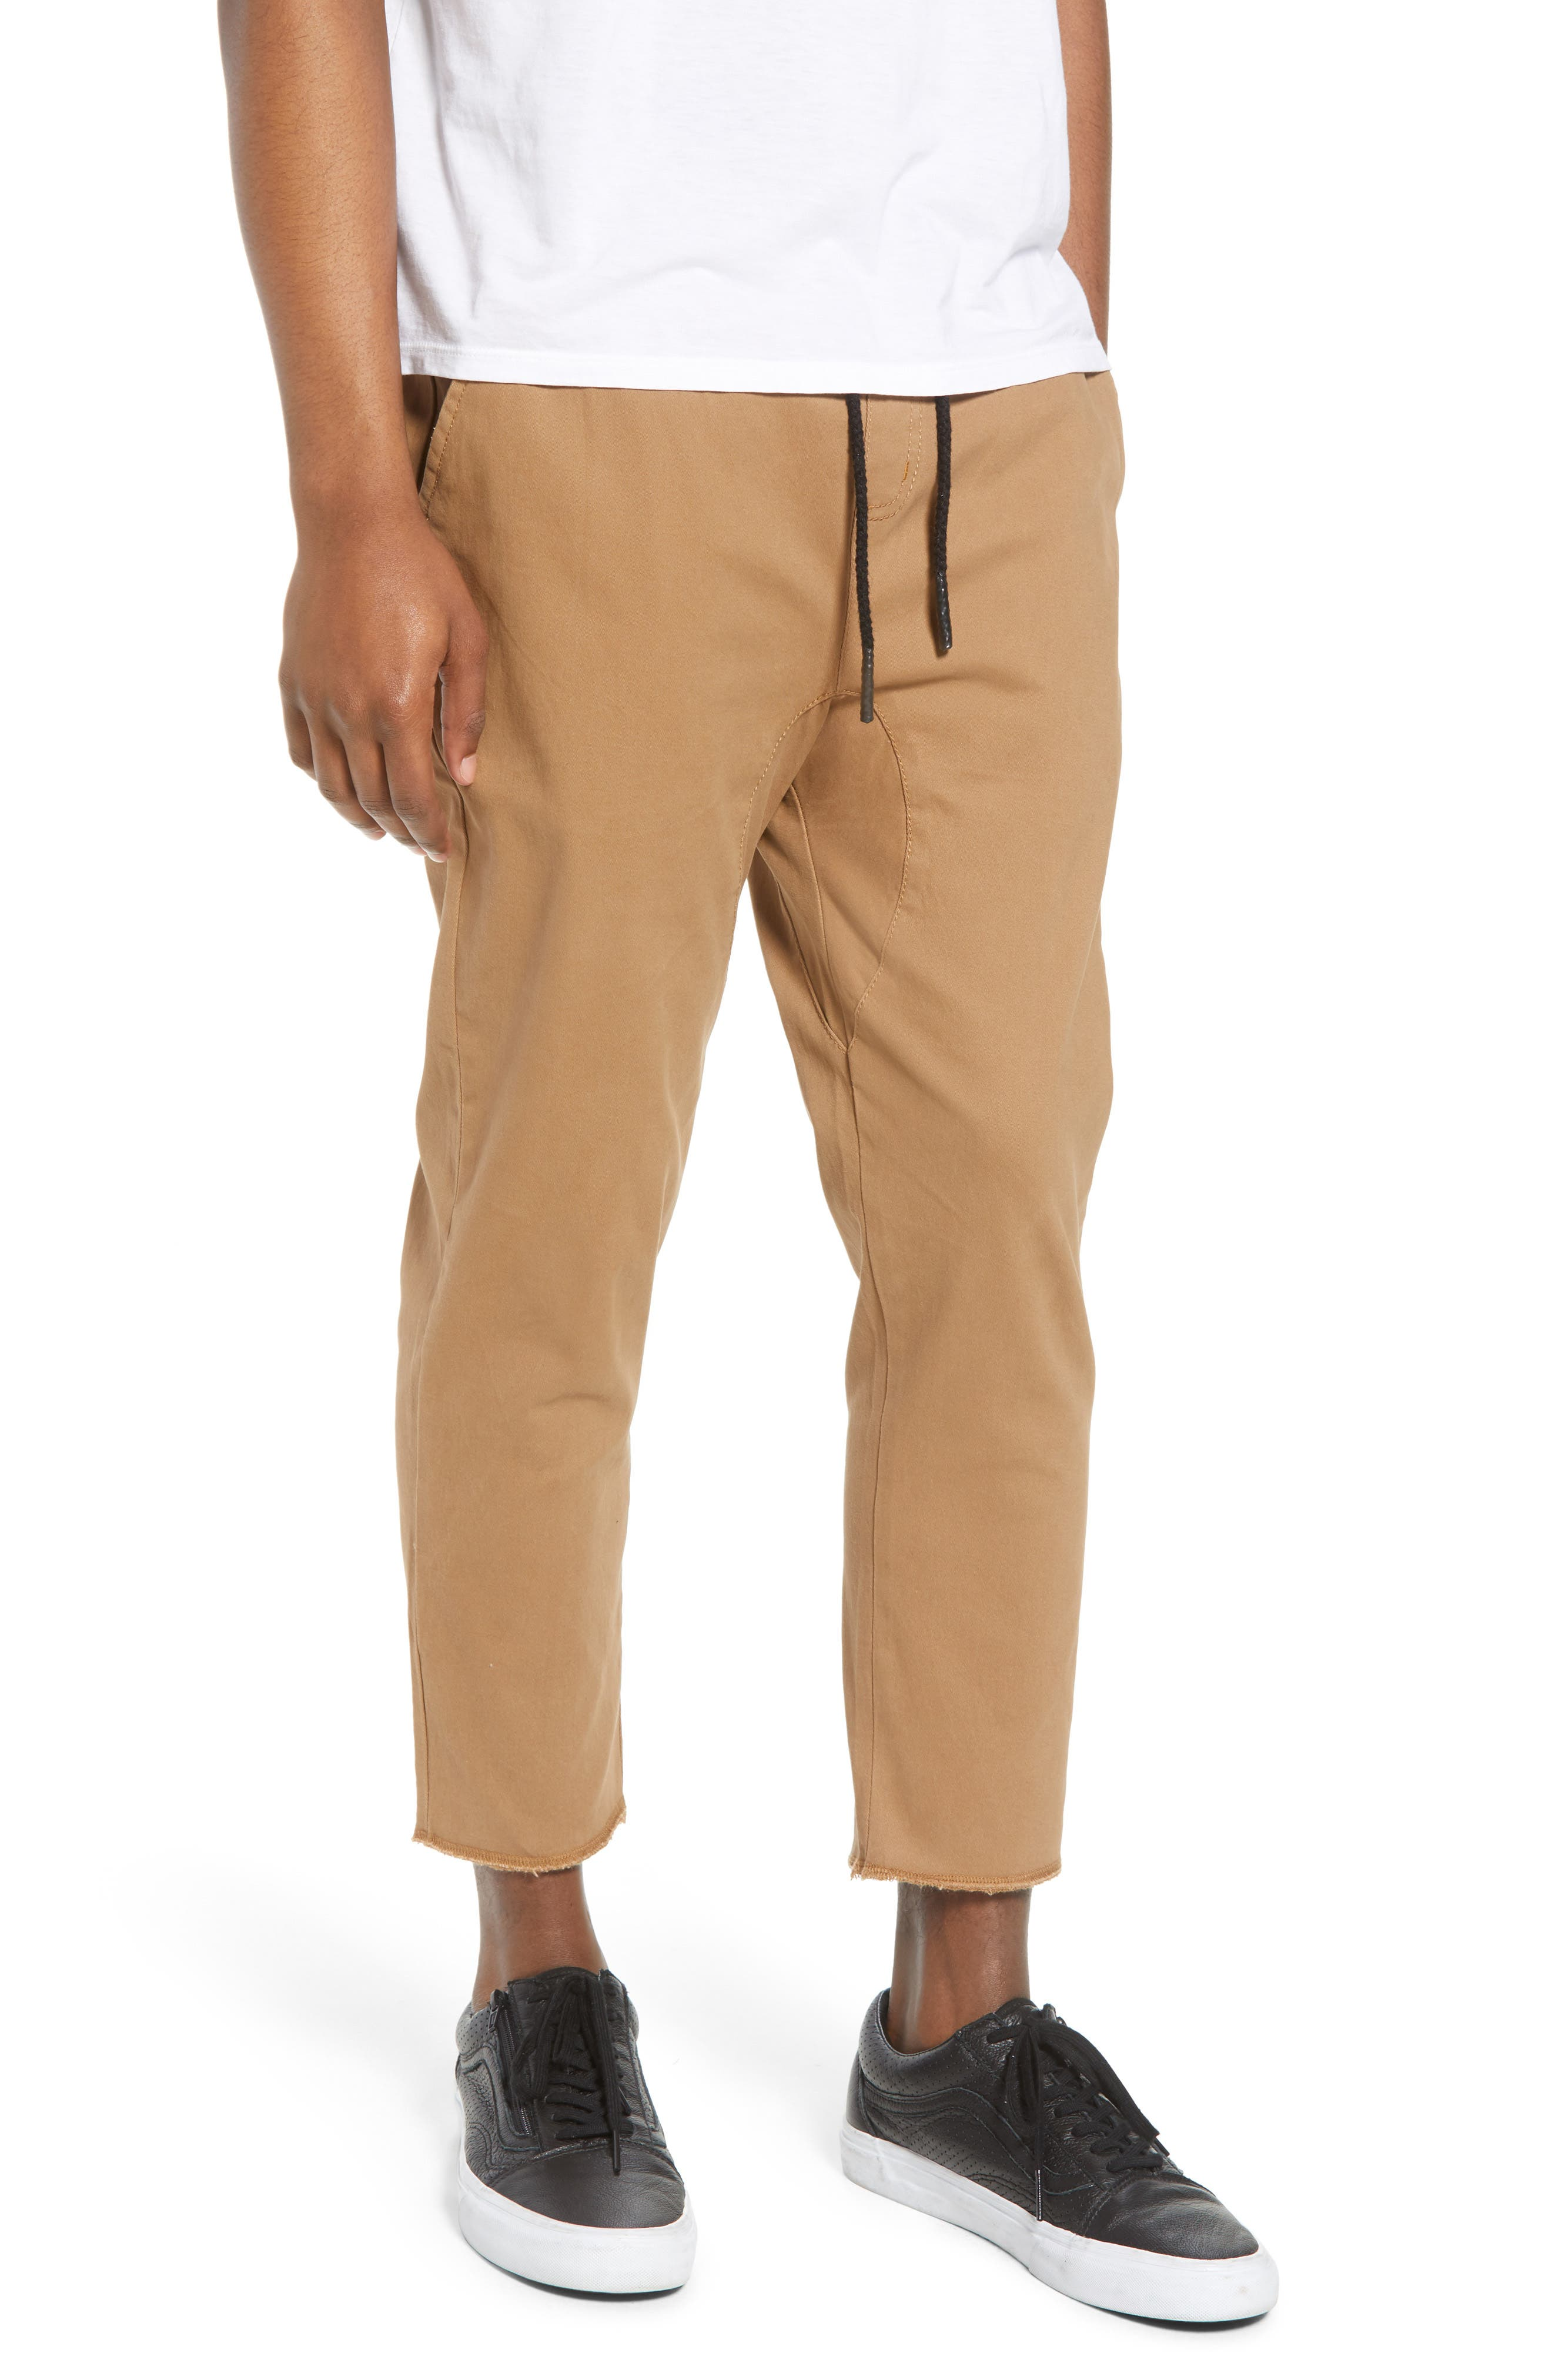 Vacation Slim Fit Crop Pants,                         Main,                         color, KHAKI